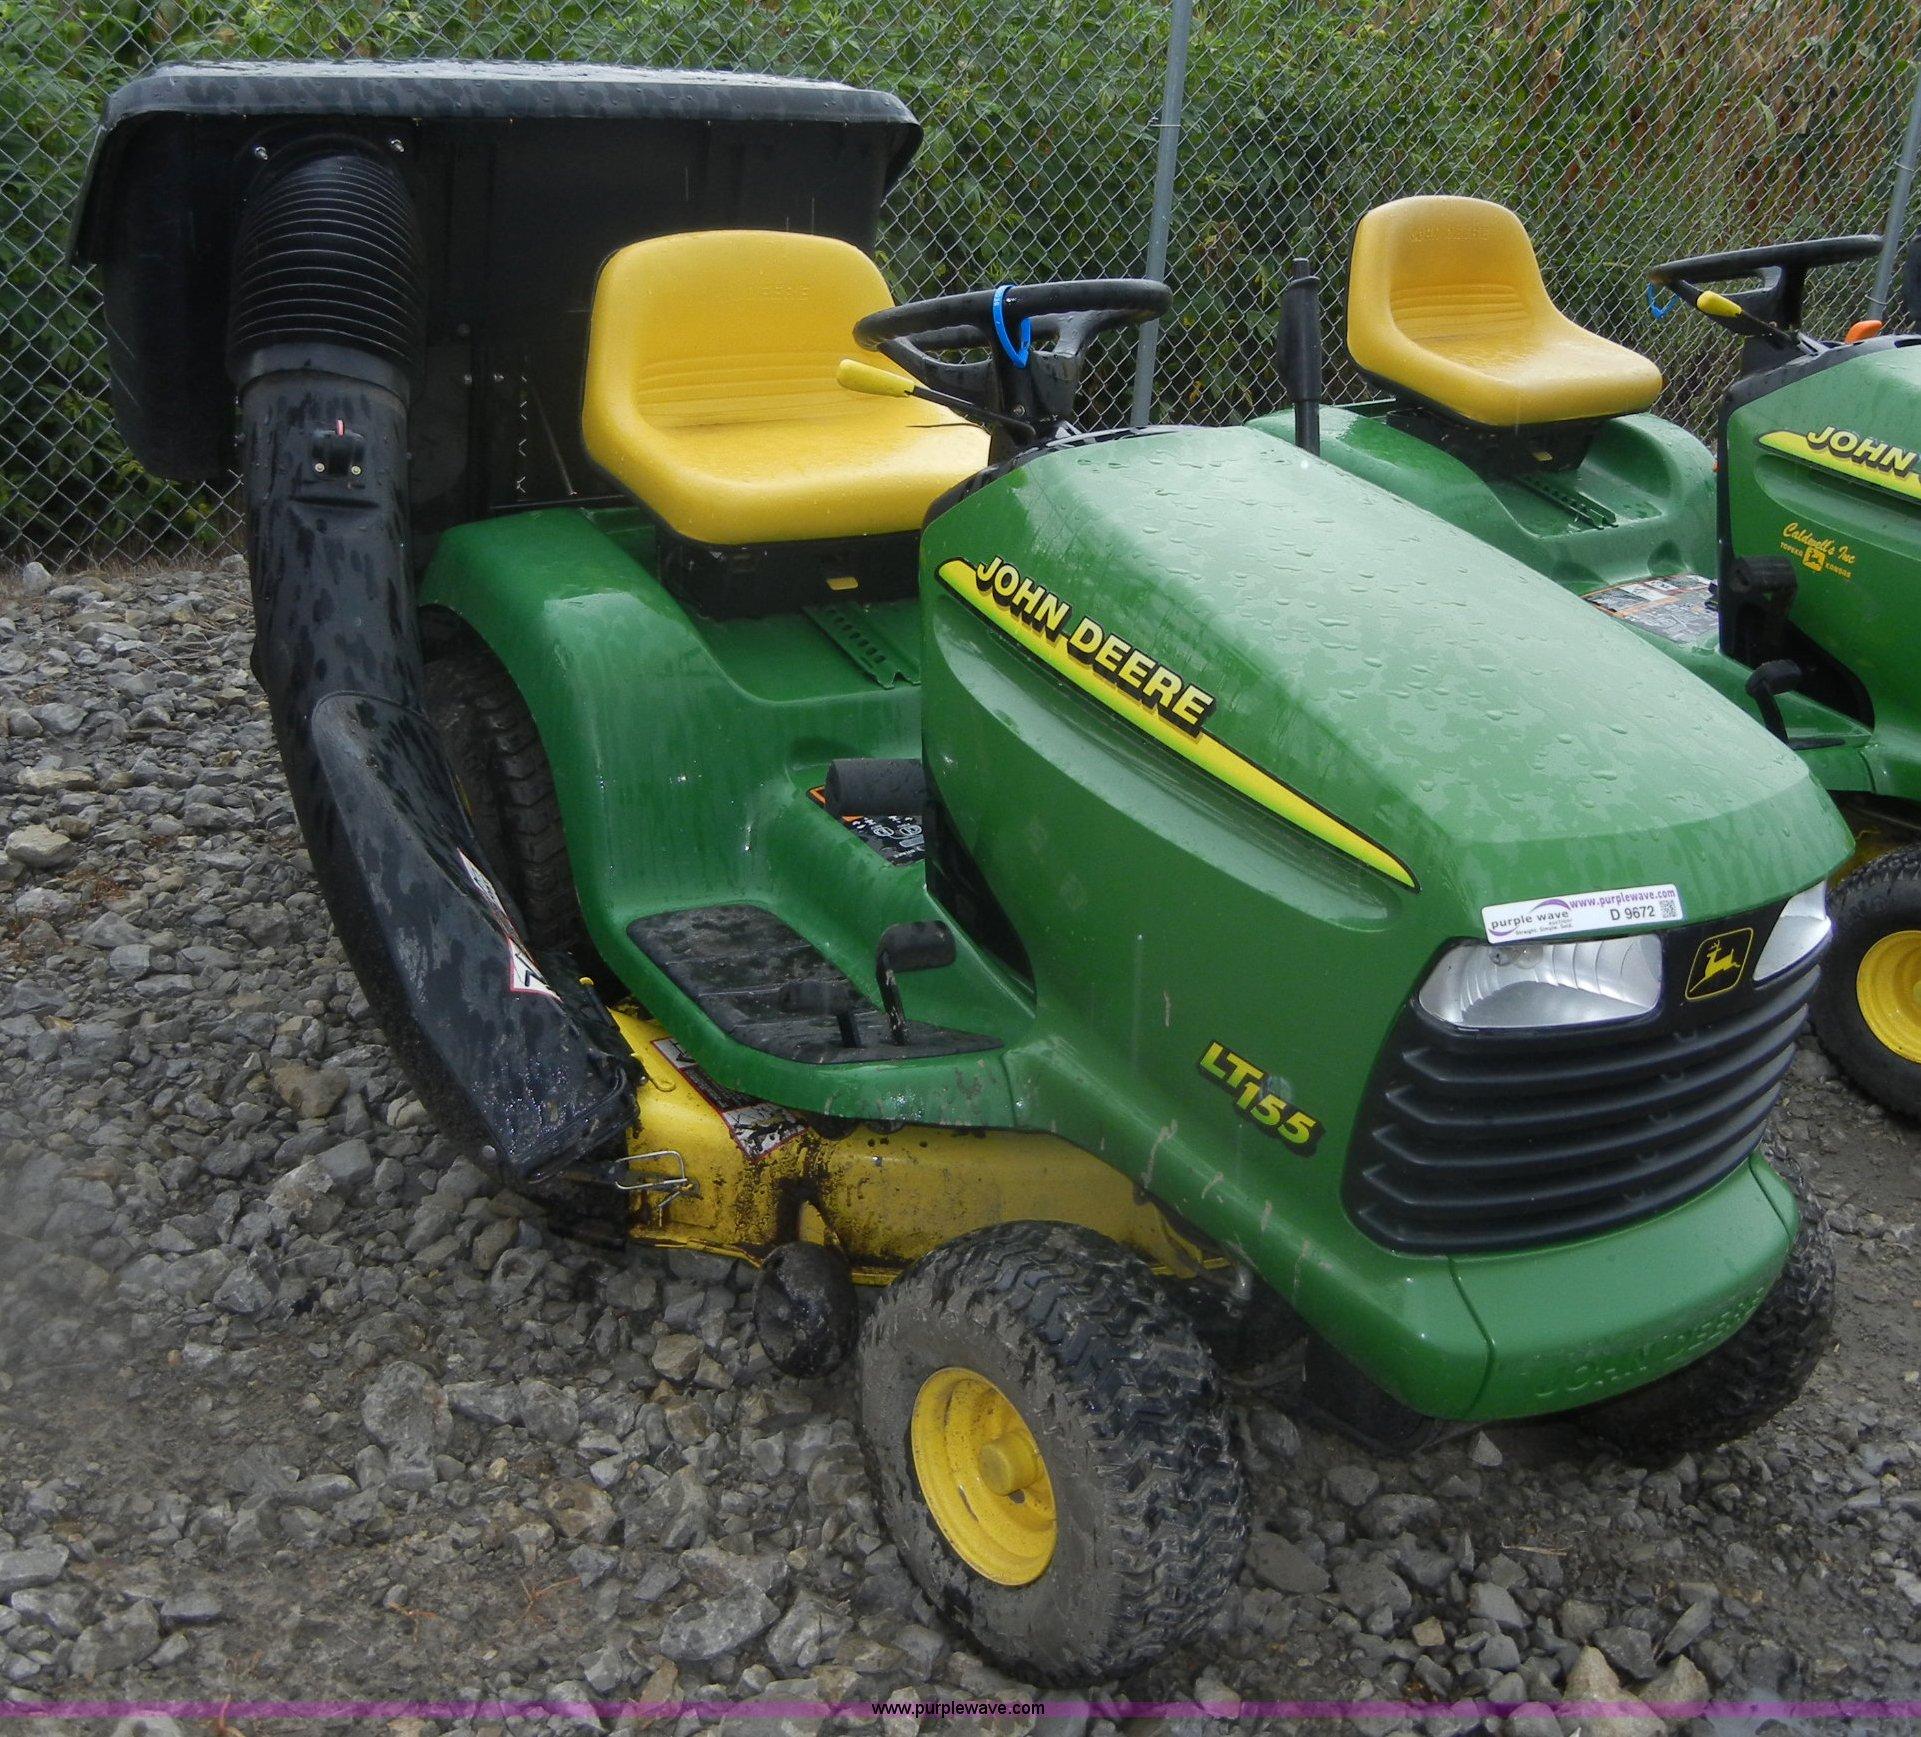 John Deere Lt155 Bagger Diagram : John deere lt lawn tractor with rear bagger item